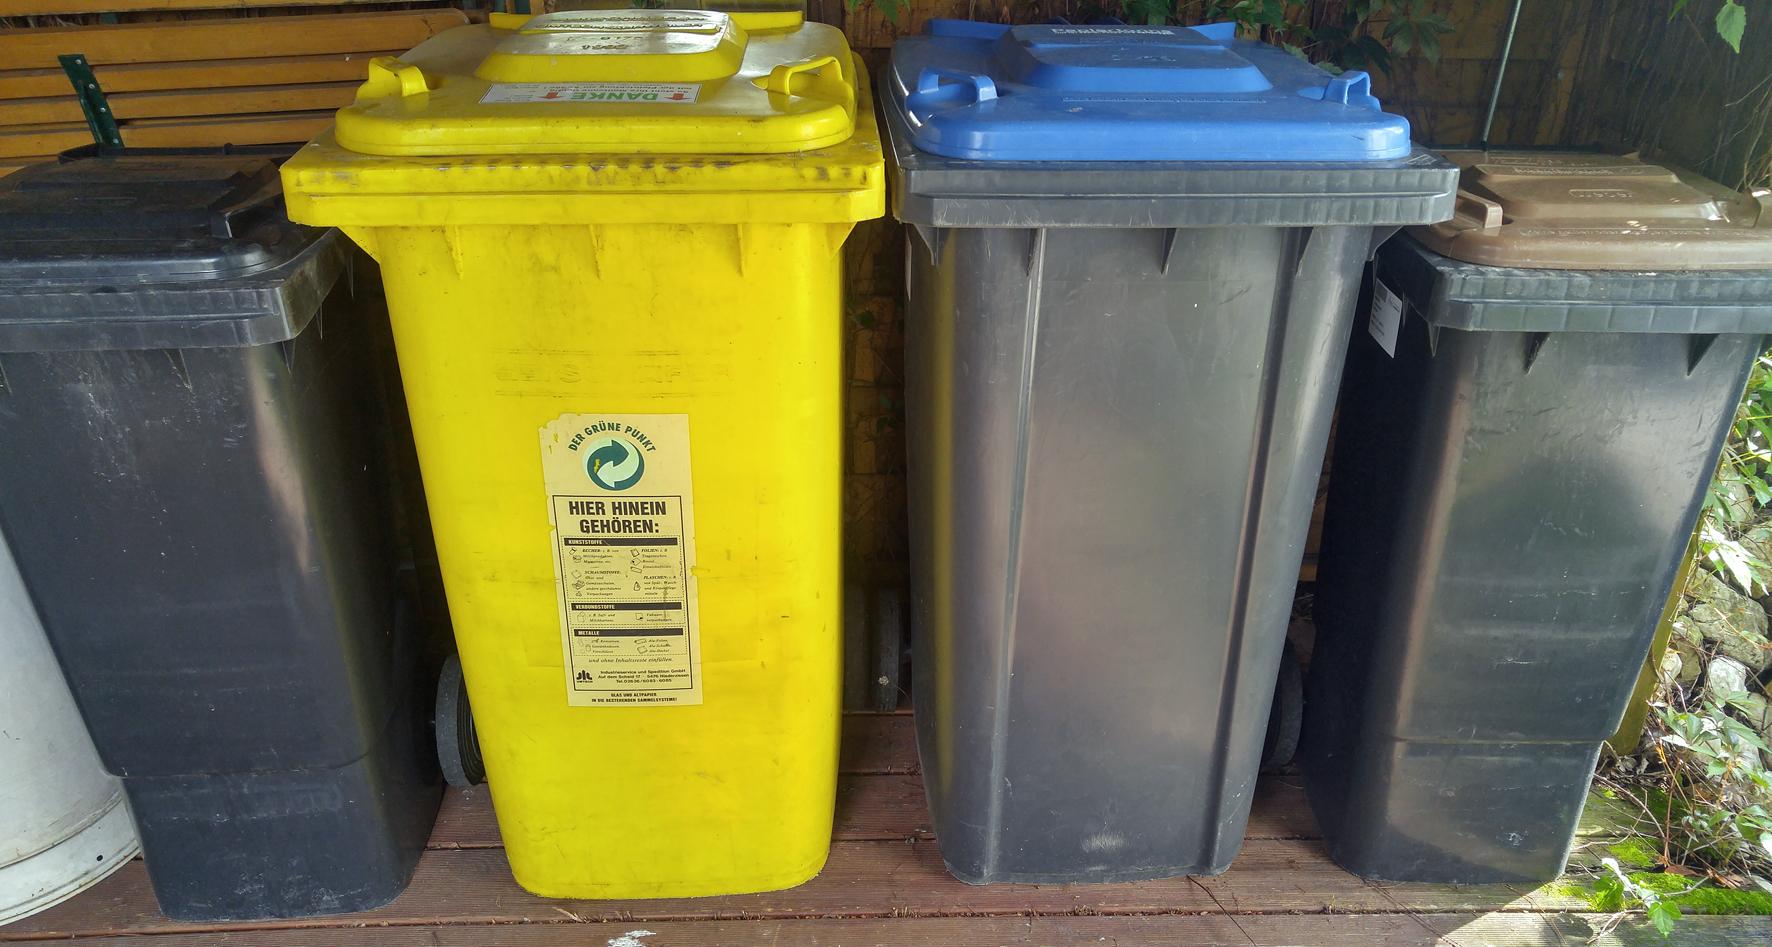 1 Jahr neues Müllkonzept im Kreis Ahrweiler – Restmüllmenge hat sich deutlich verringert